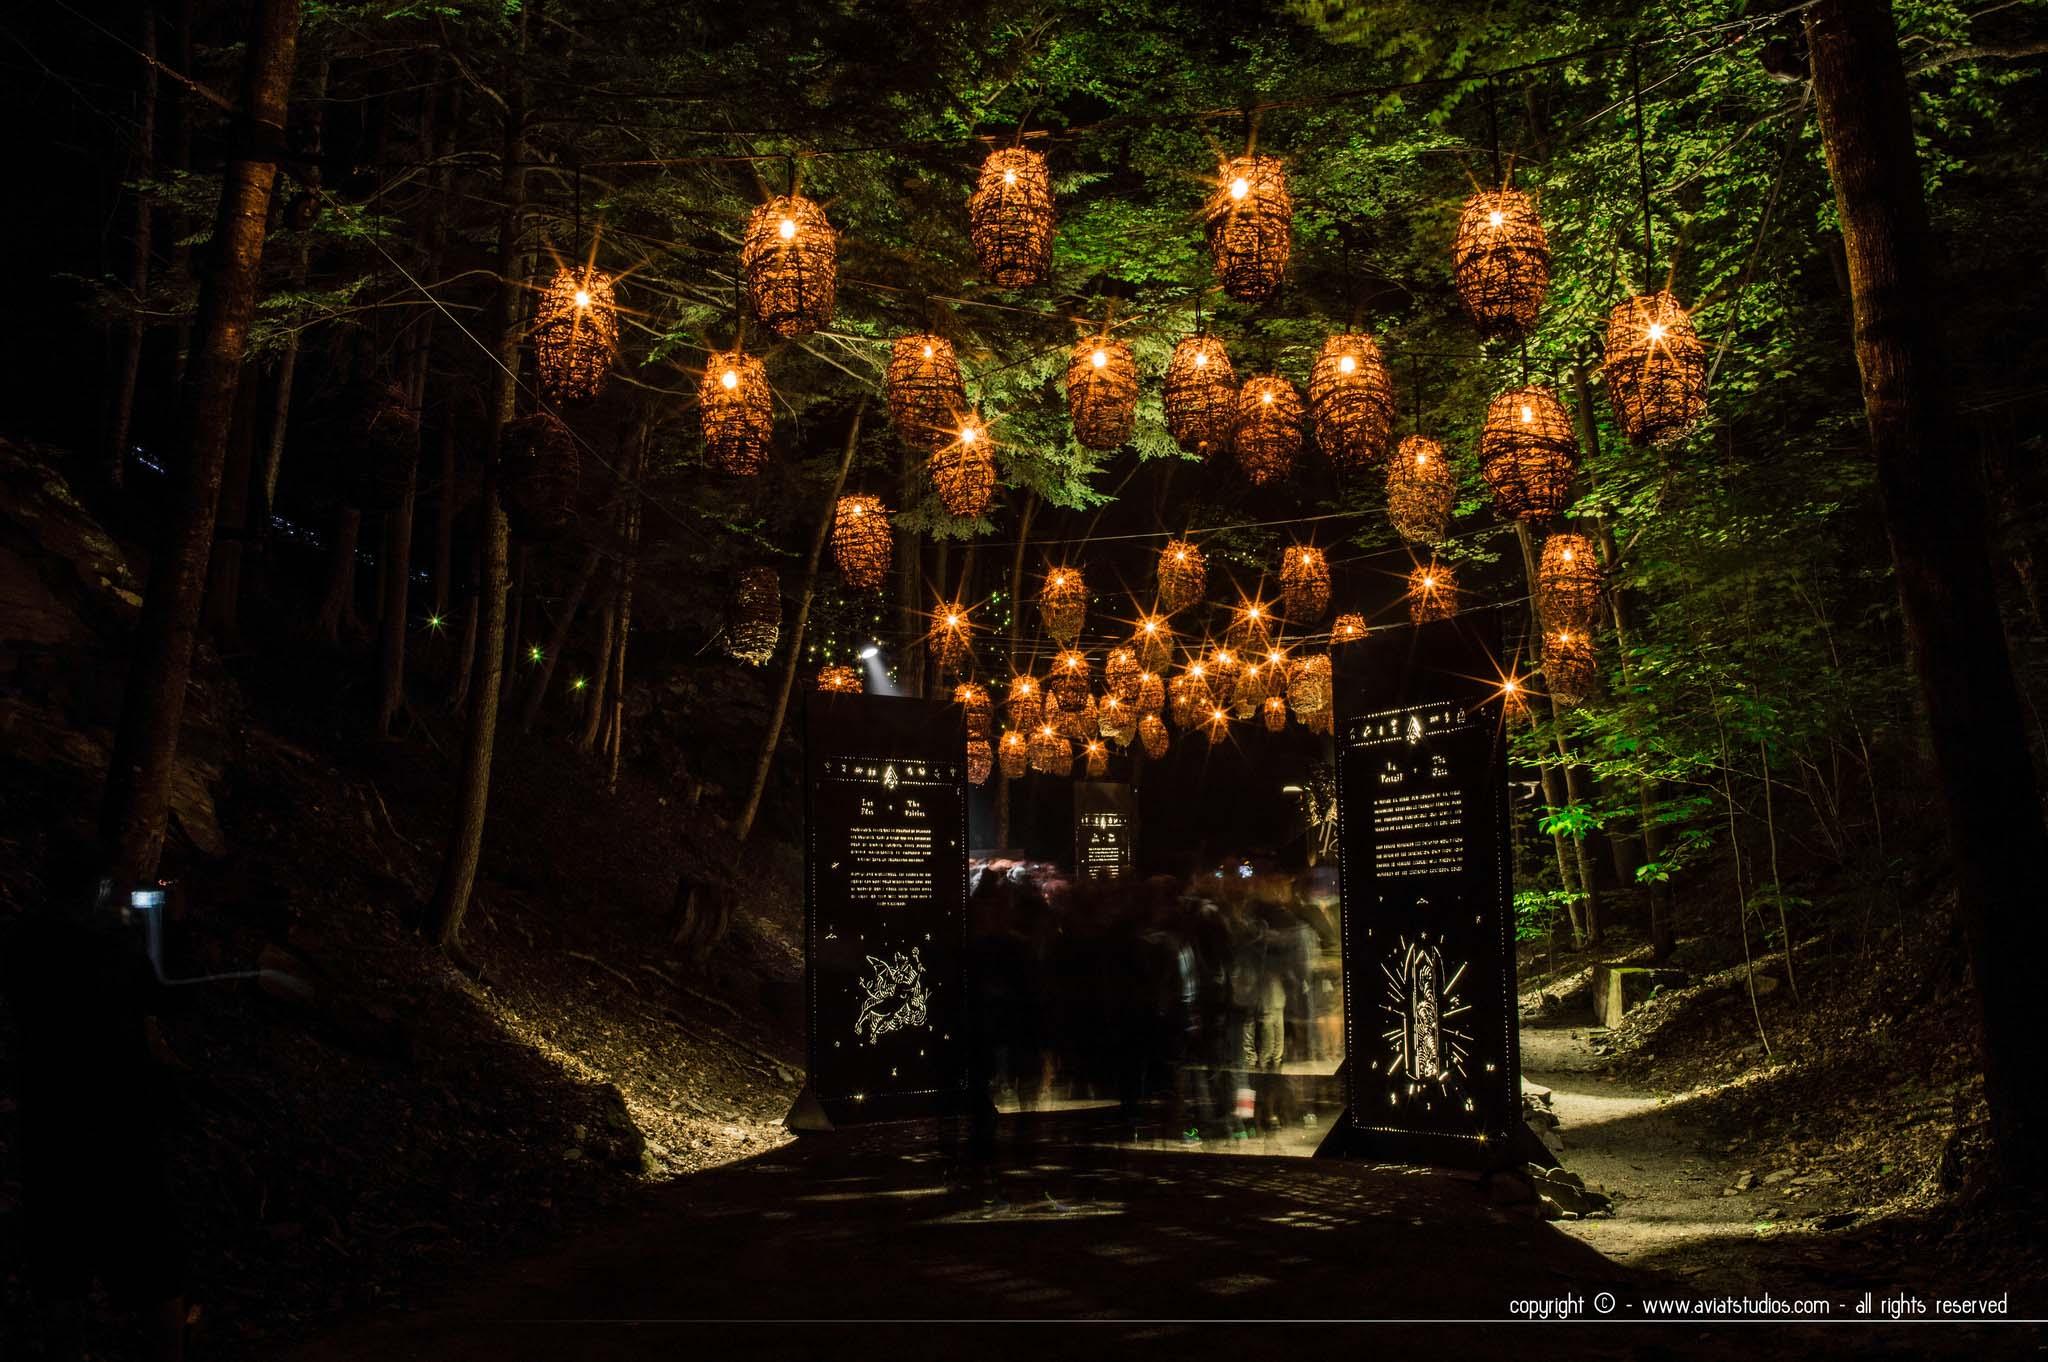 Le parc de Coaticook de jour comme de nuit : randonnée & Foresta Lumina